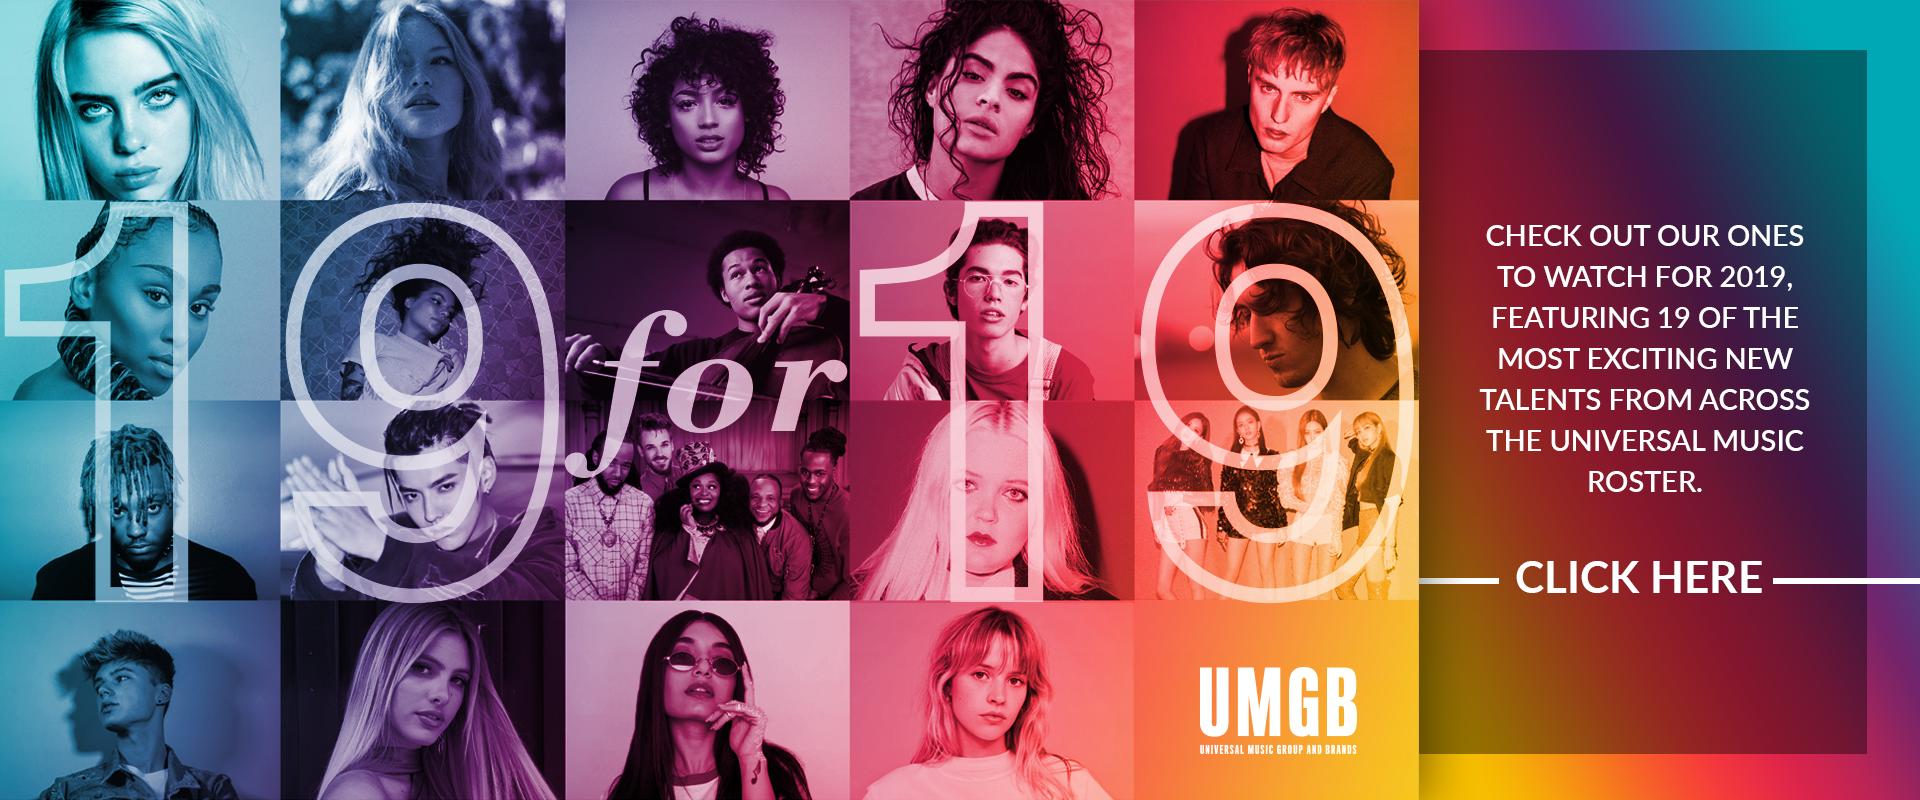 UMGB Artist Spotlight